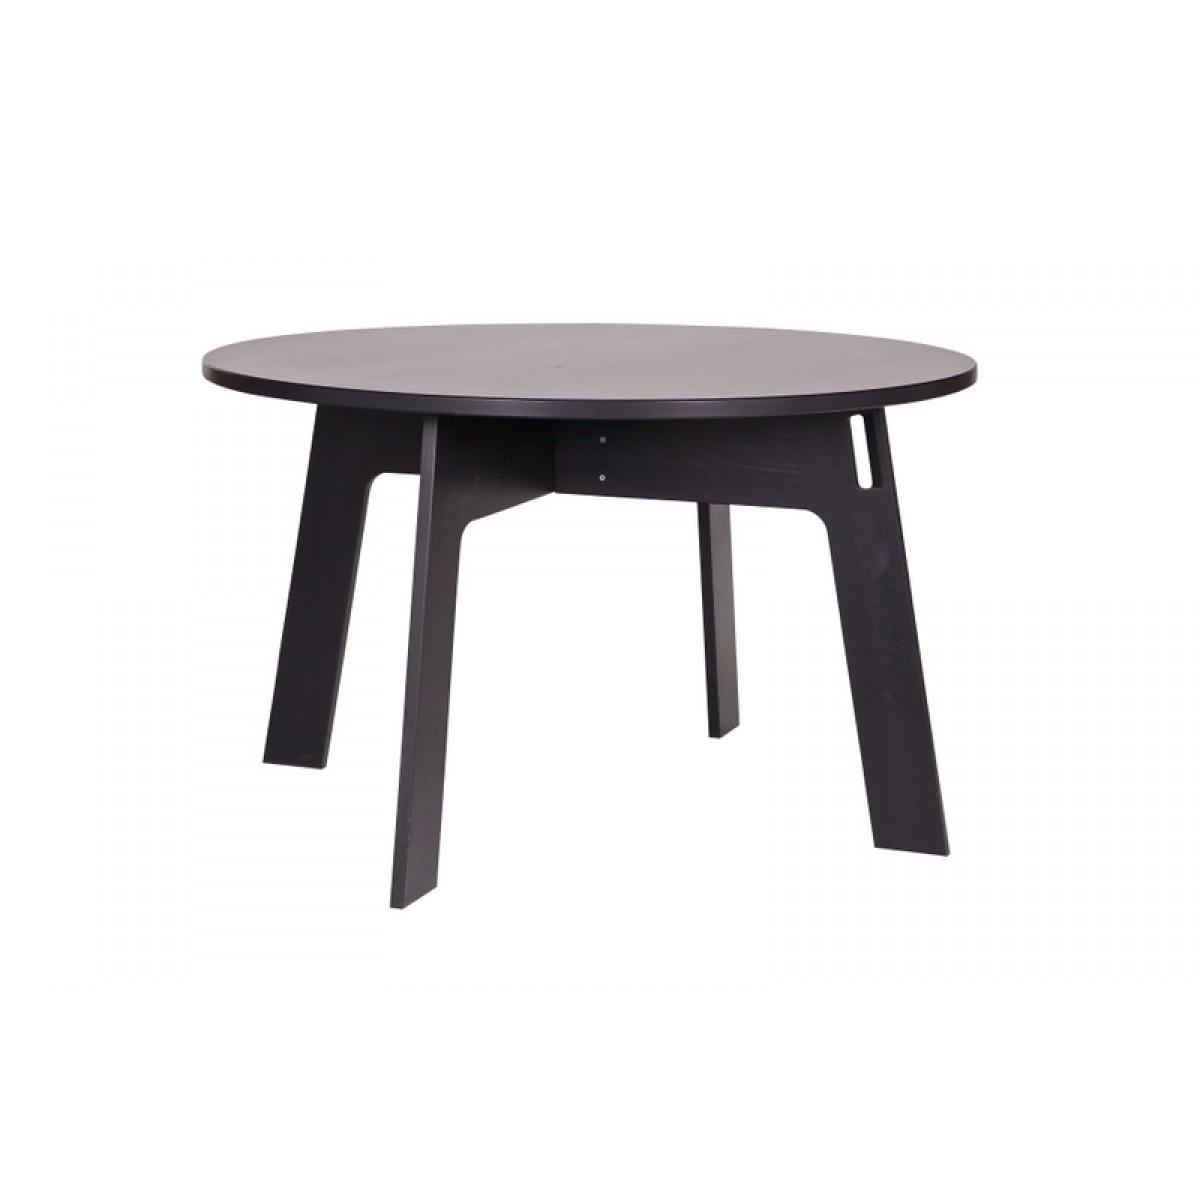 Brilliant Esstisch Rund Massiv Ideen Von Tisch Schwarz Massivholz, Schwarz Massiv, Durchmesser 129